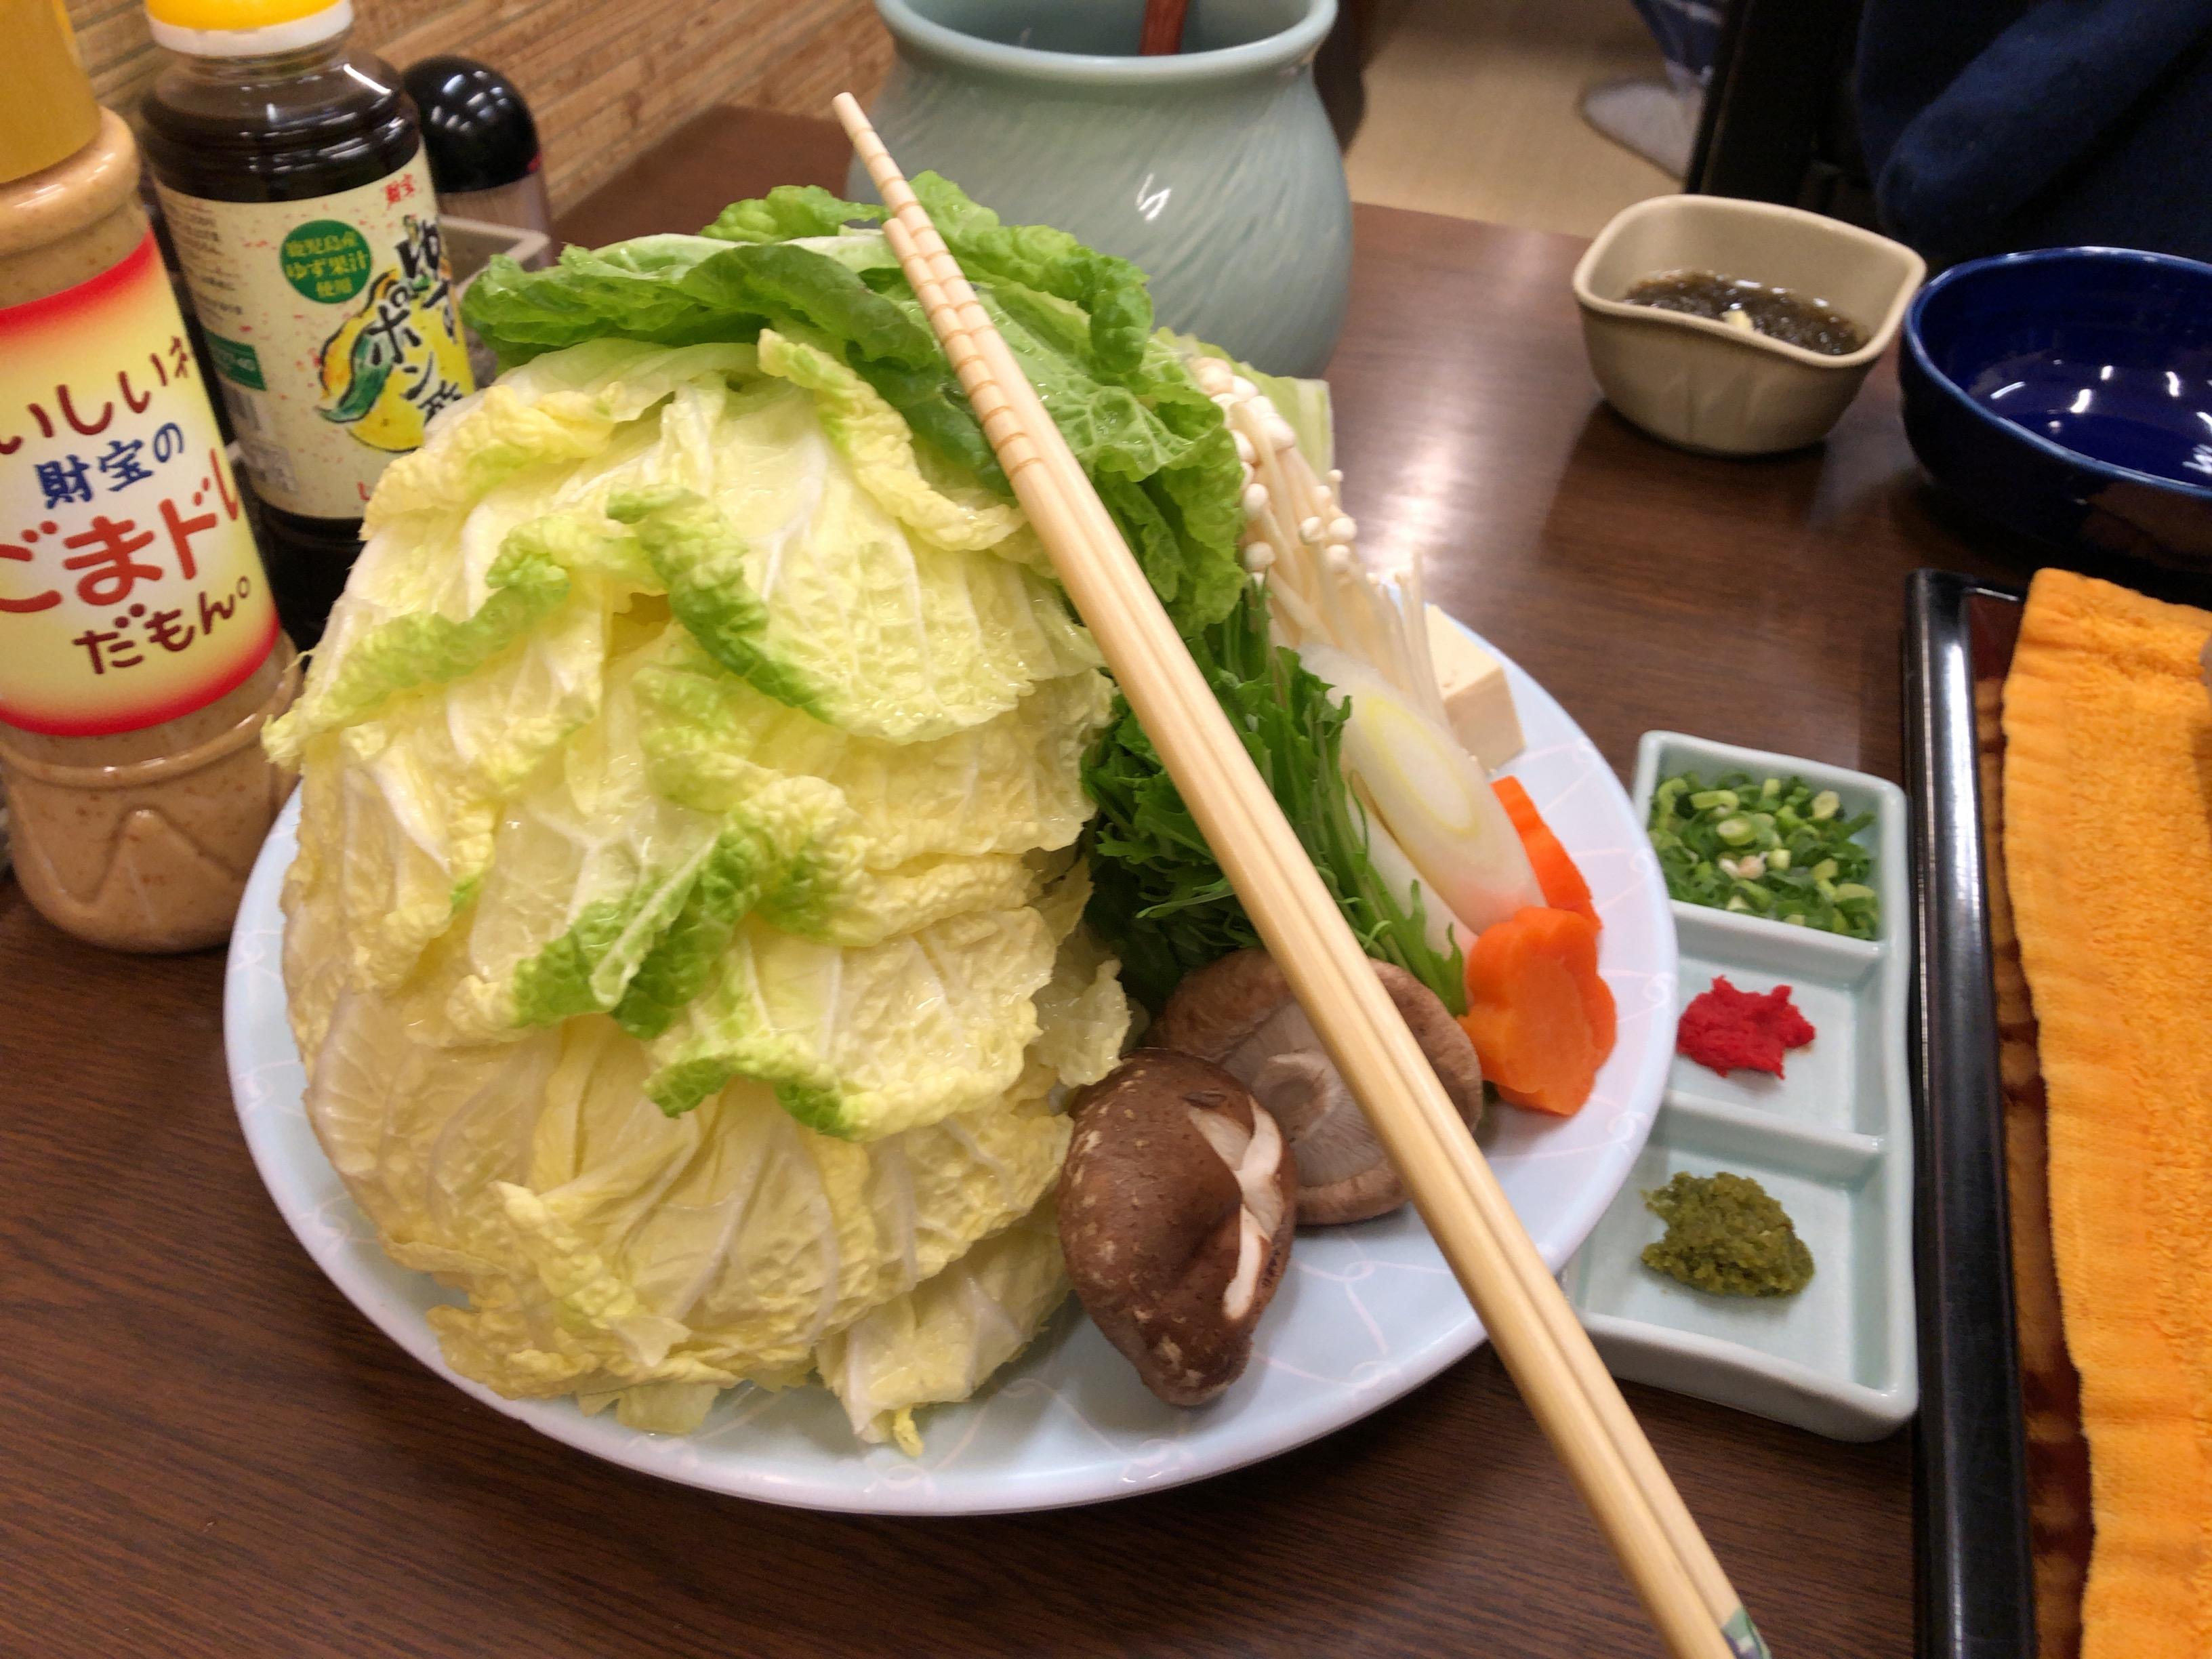 黒豚しゃぶしゃぶ野菜 薩摩明治村